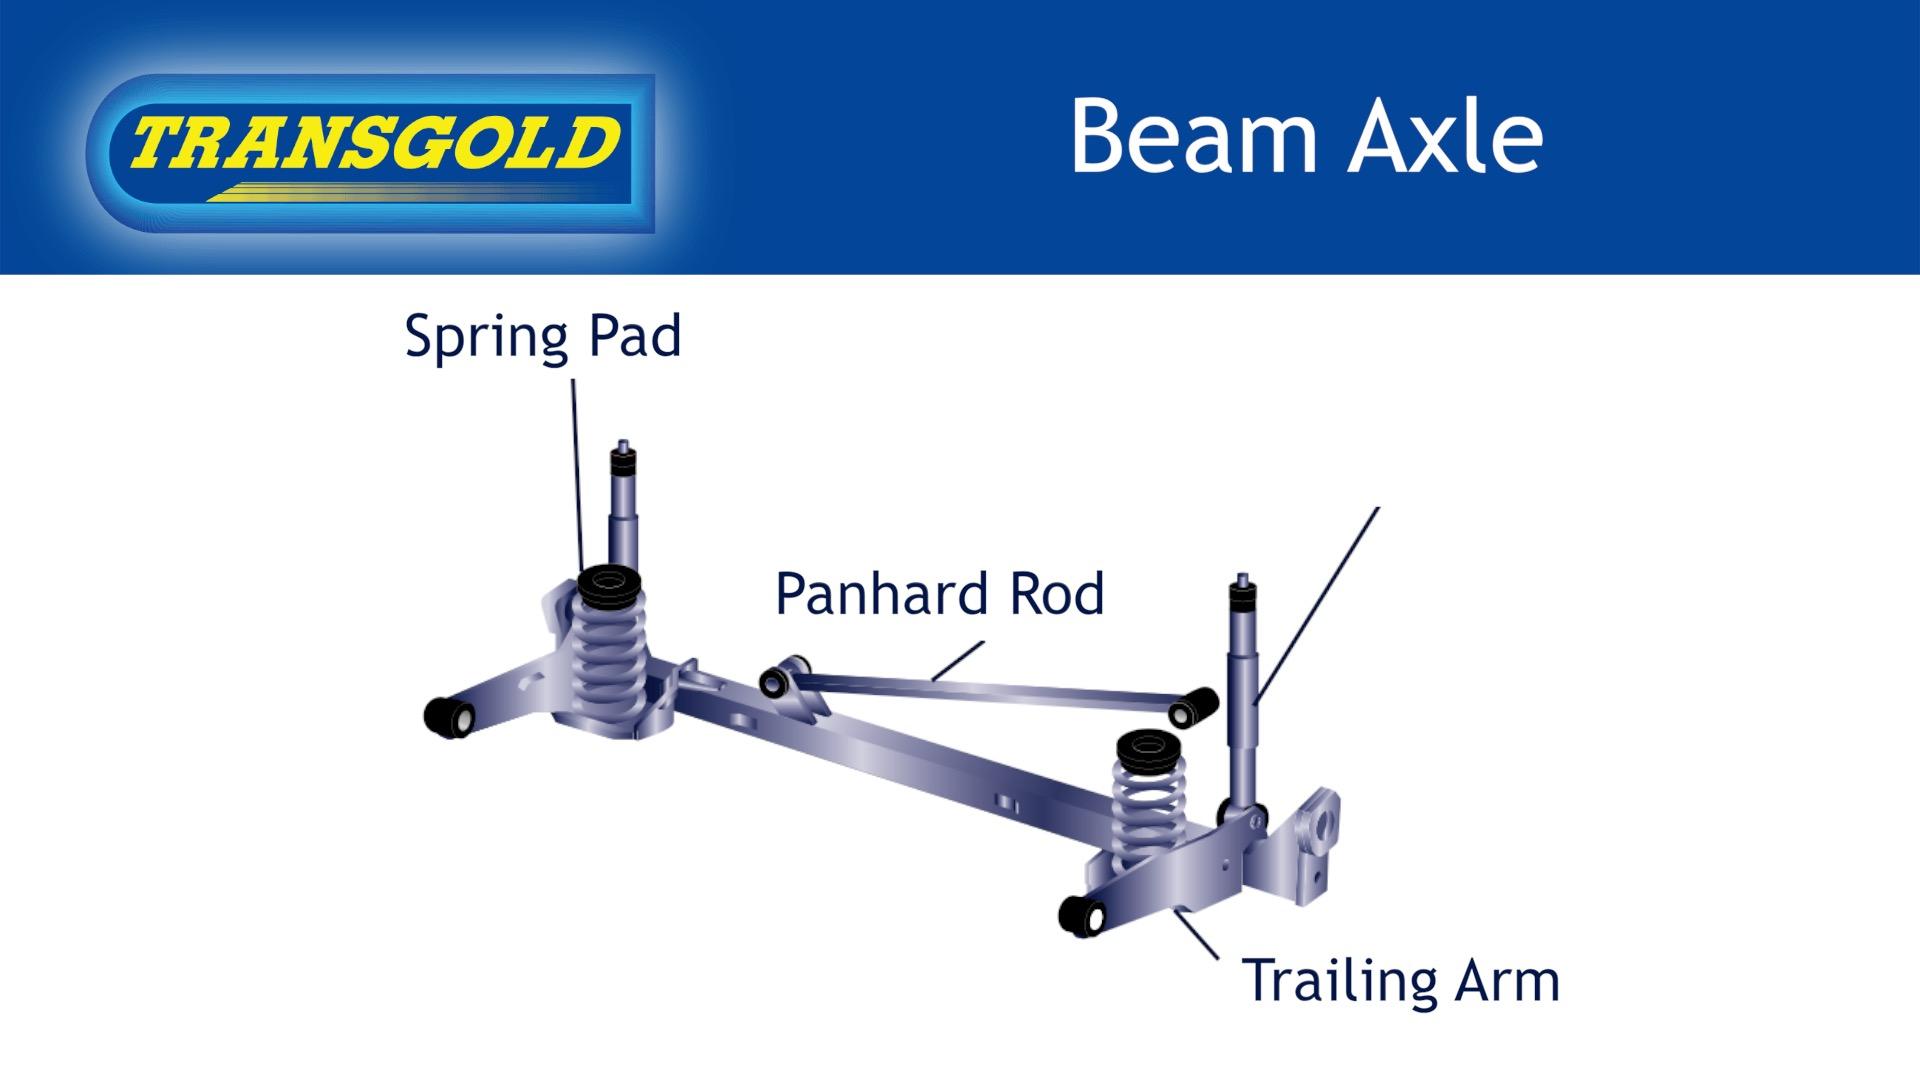 Beam Axle